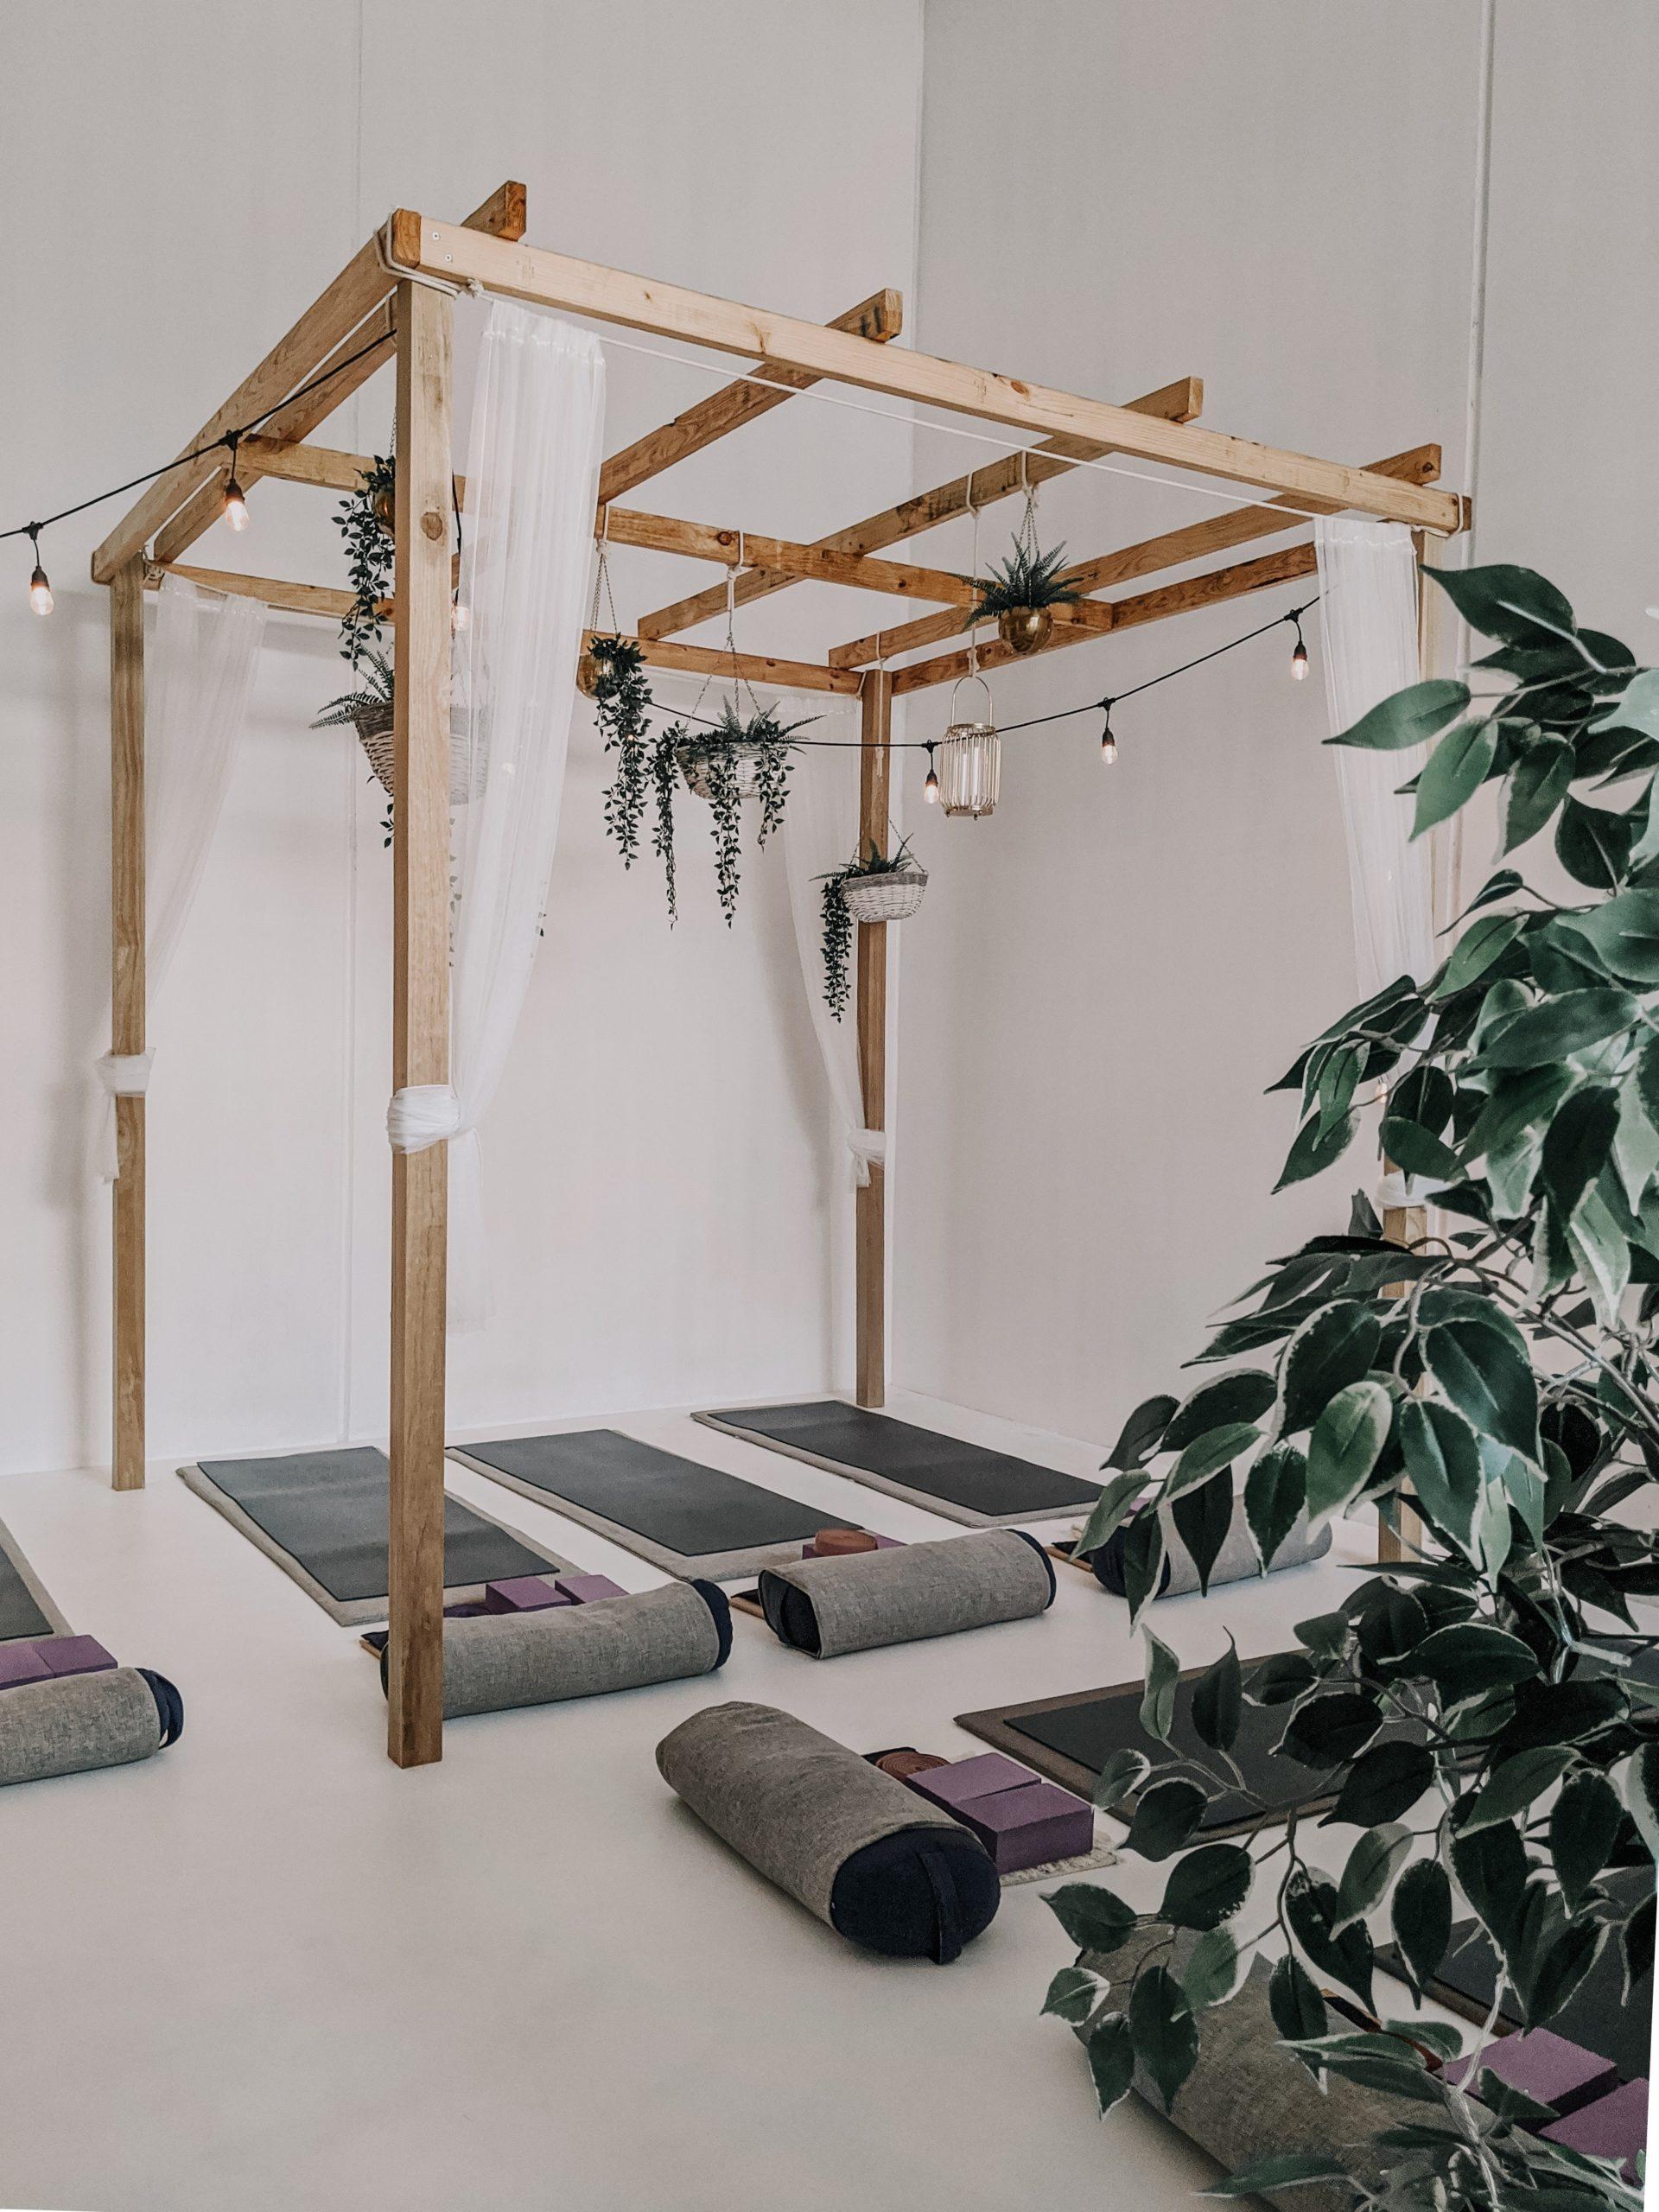 yoag-ameliorer-sa-pratique-yoga